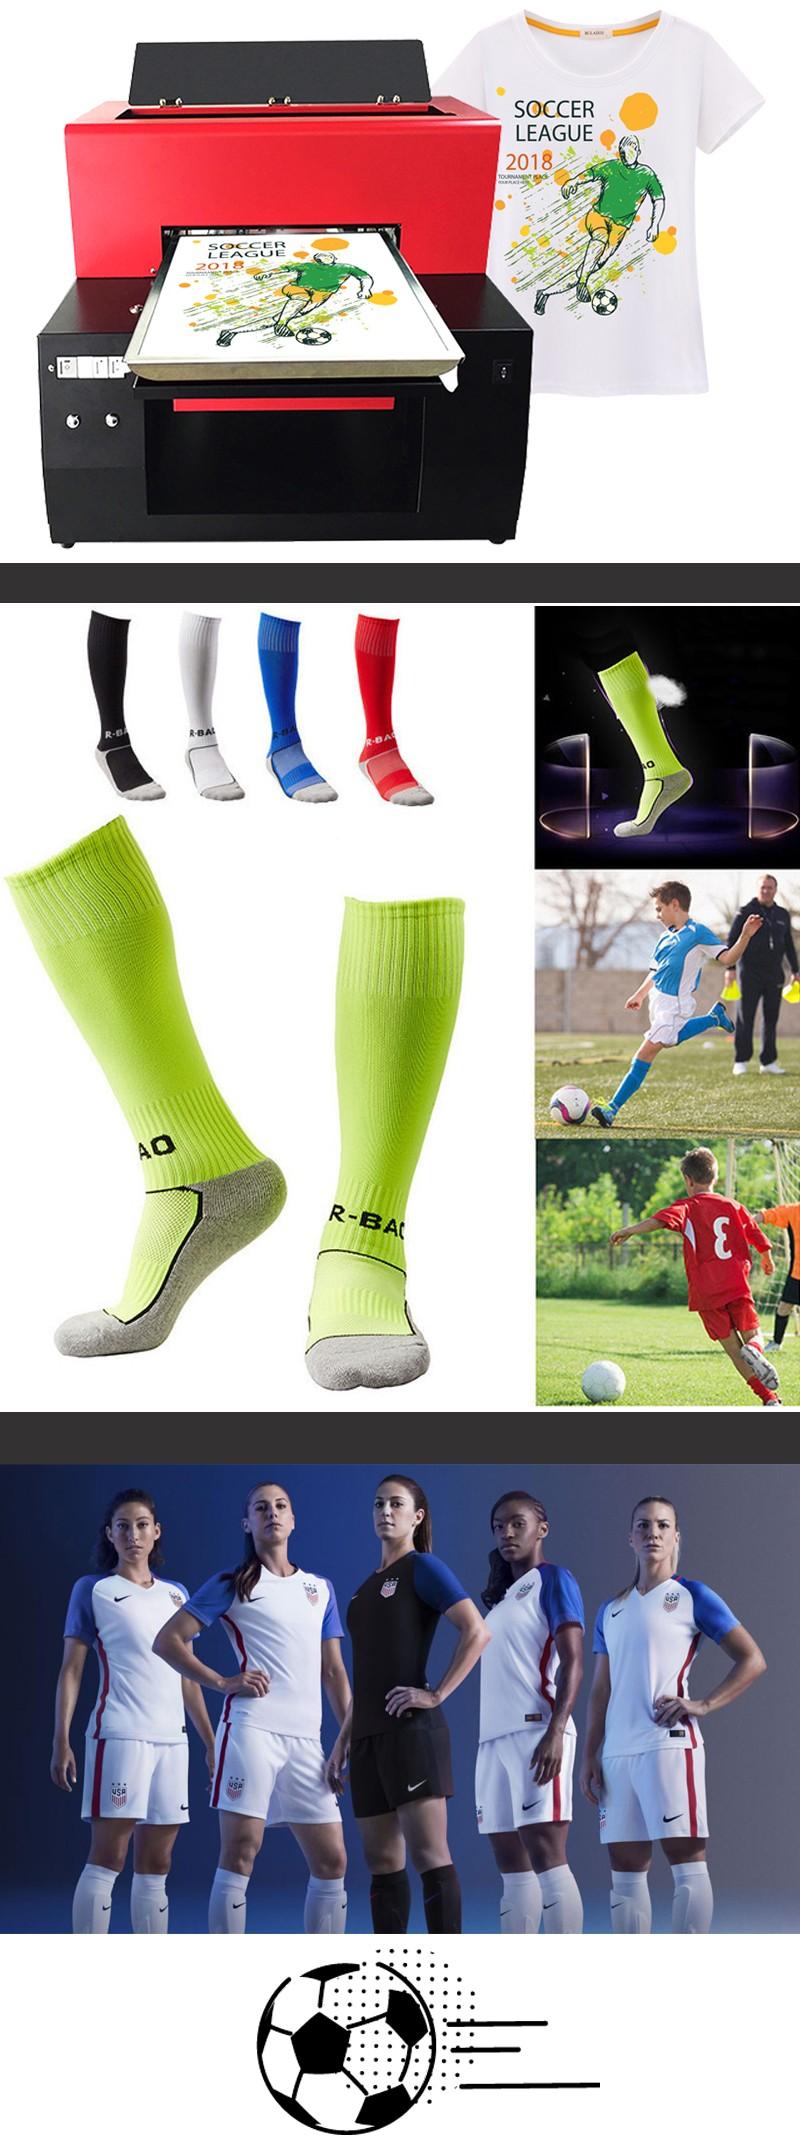 soccer kit uniform printer.jpg